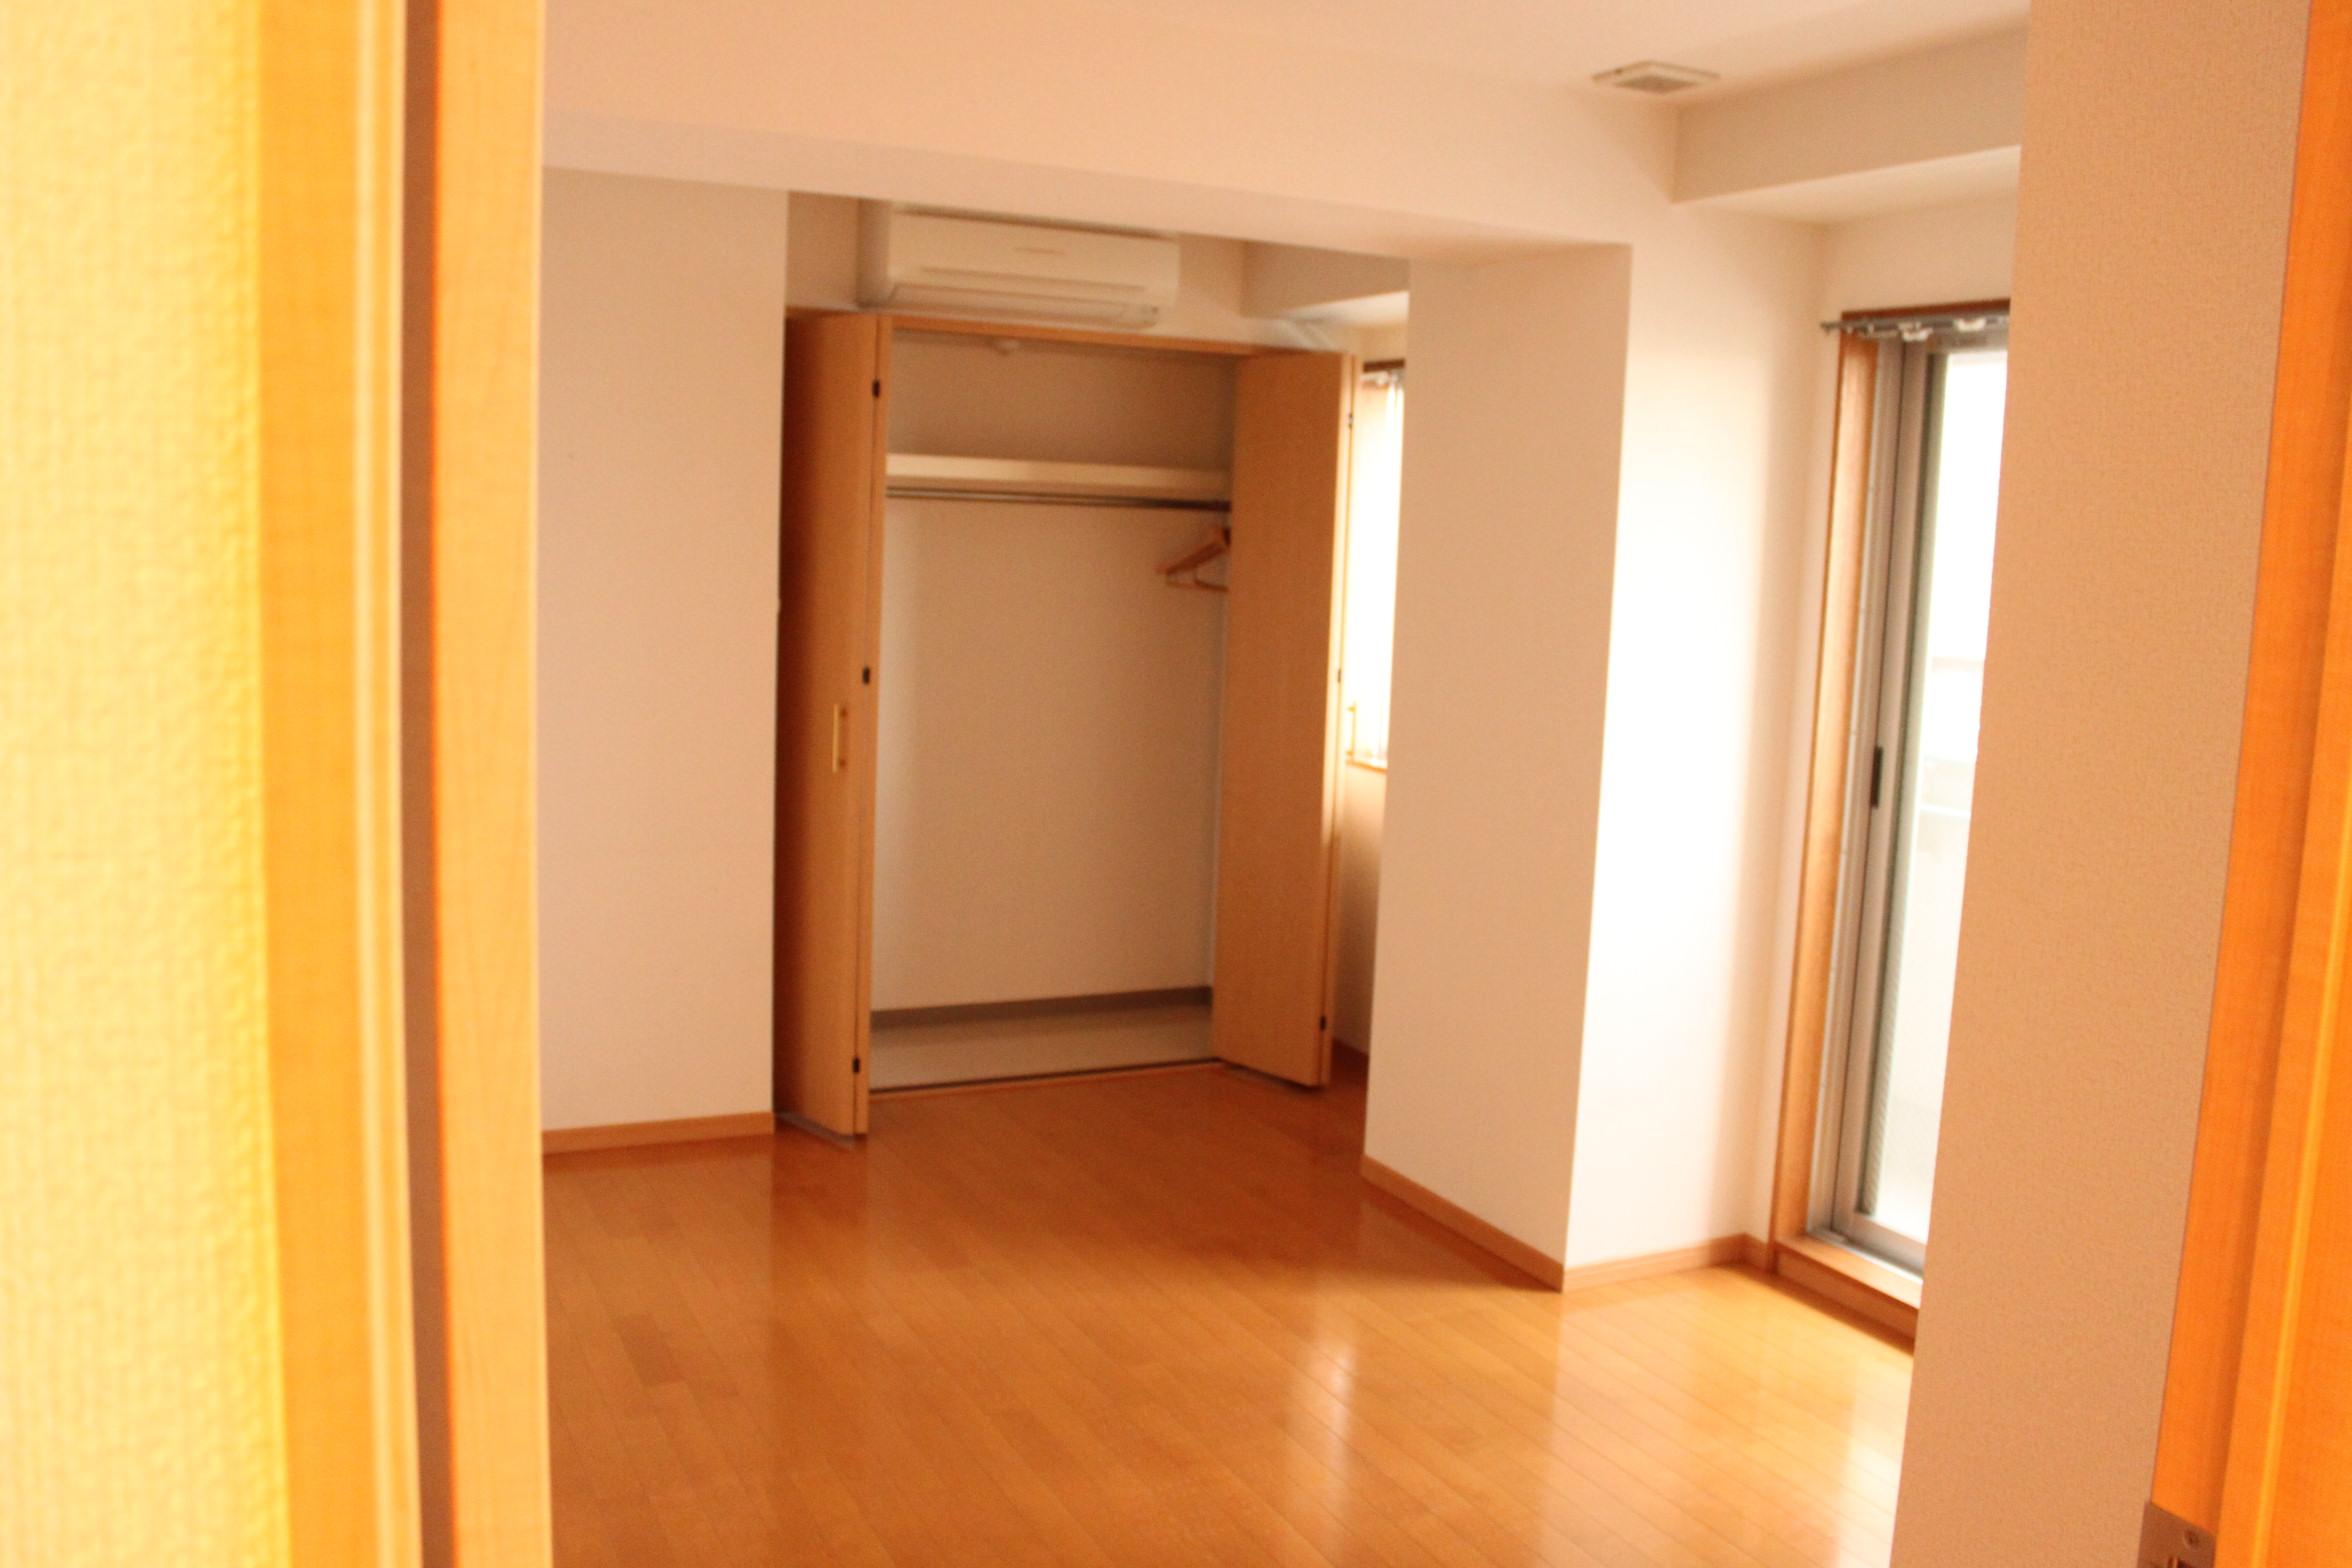 現在募集中の物件、こんなお部屋です(4)